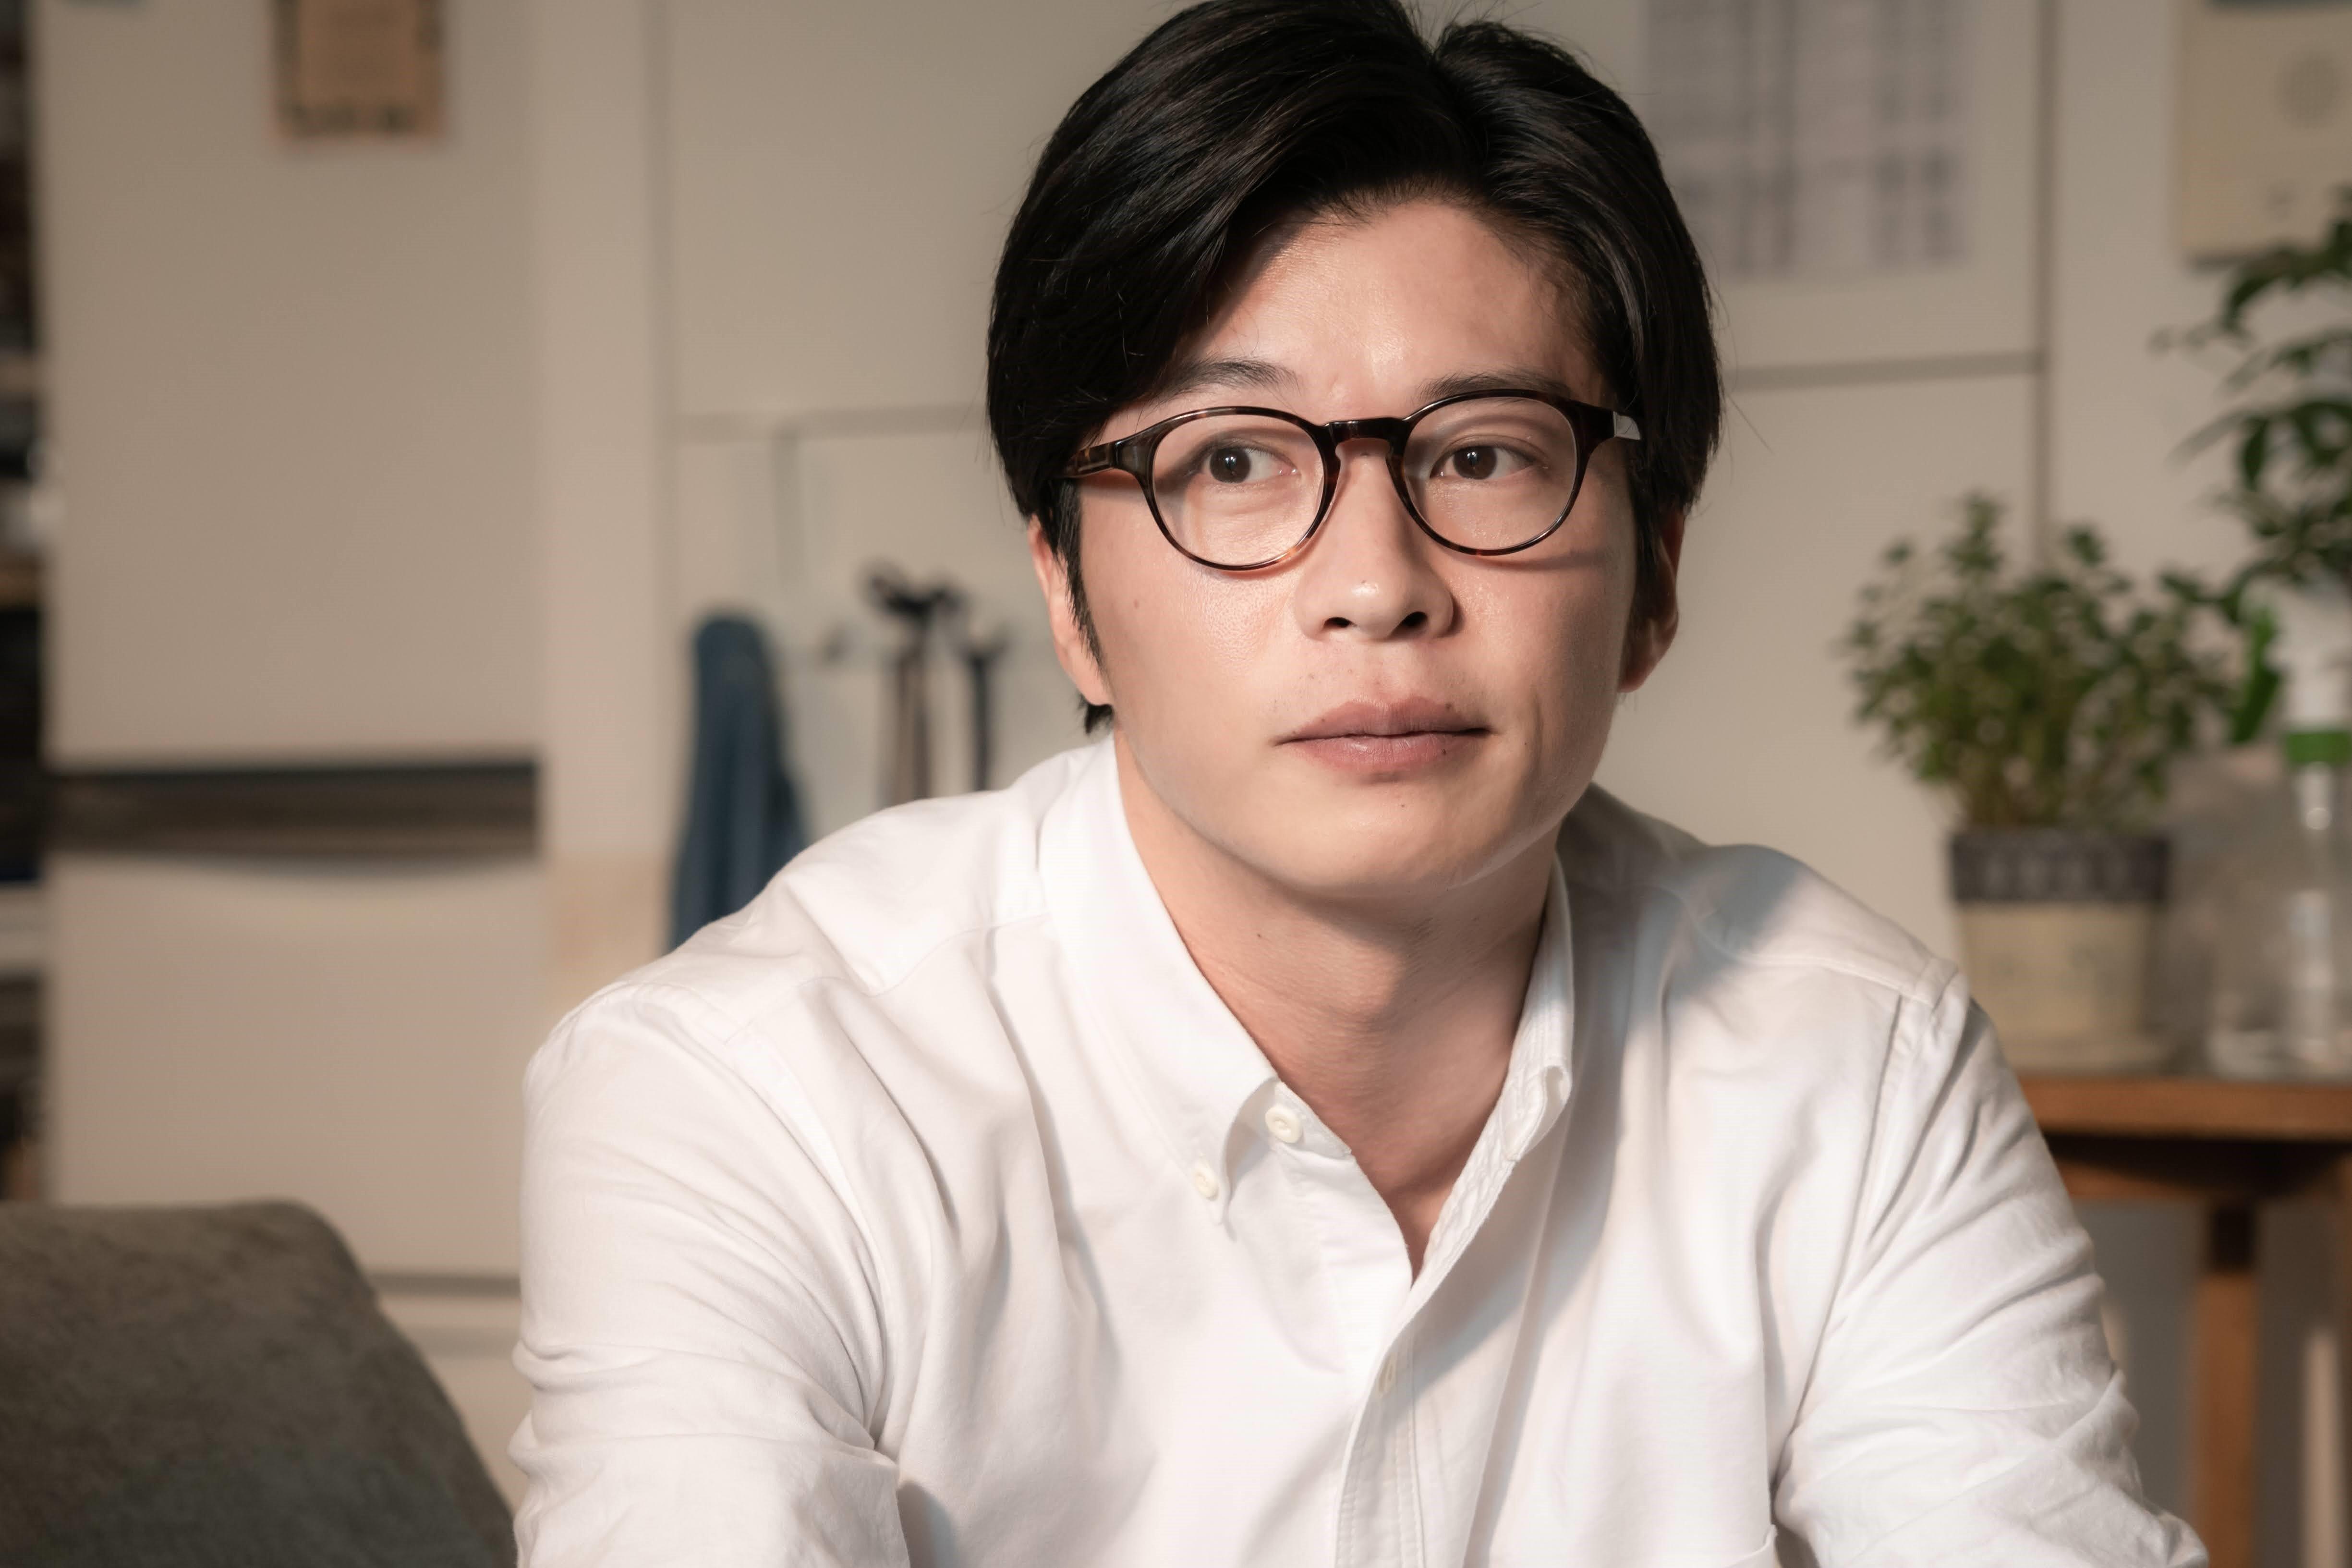 田中圭 (C)2021 映画「そして、バトンは渡された」製作委員会